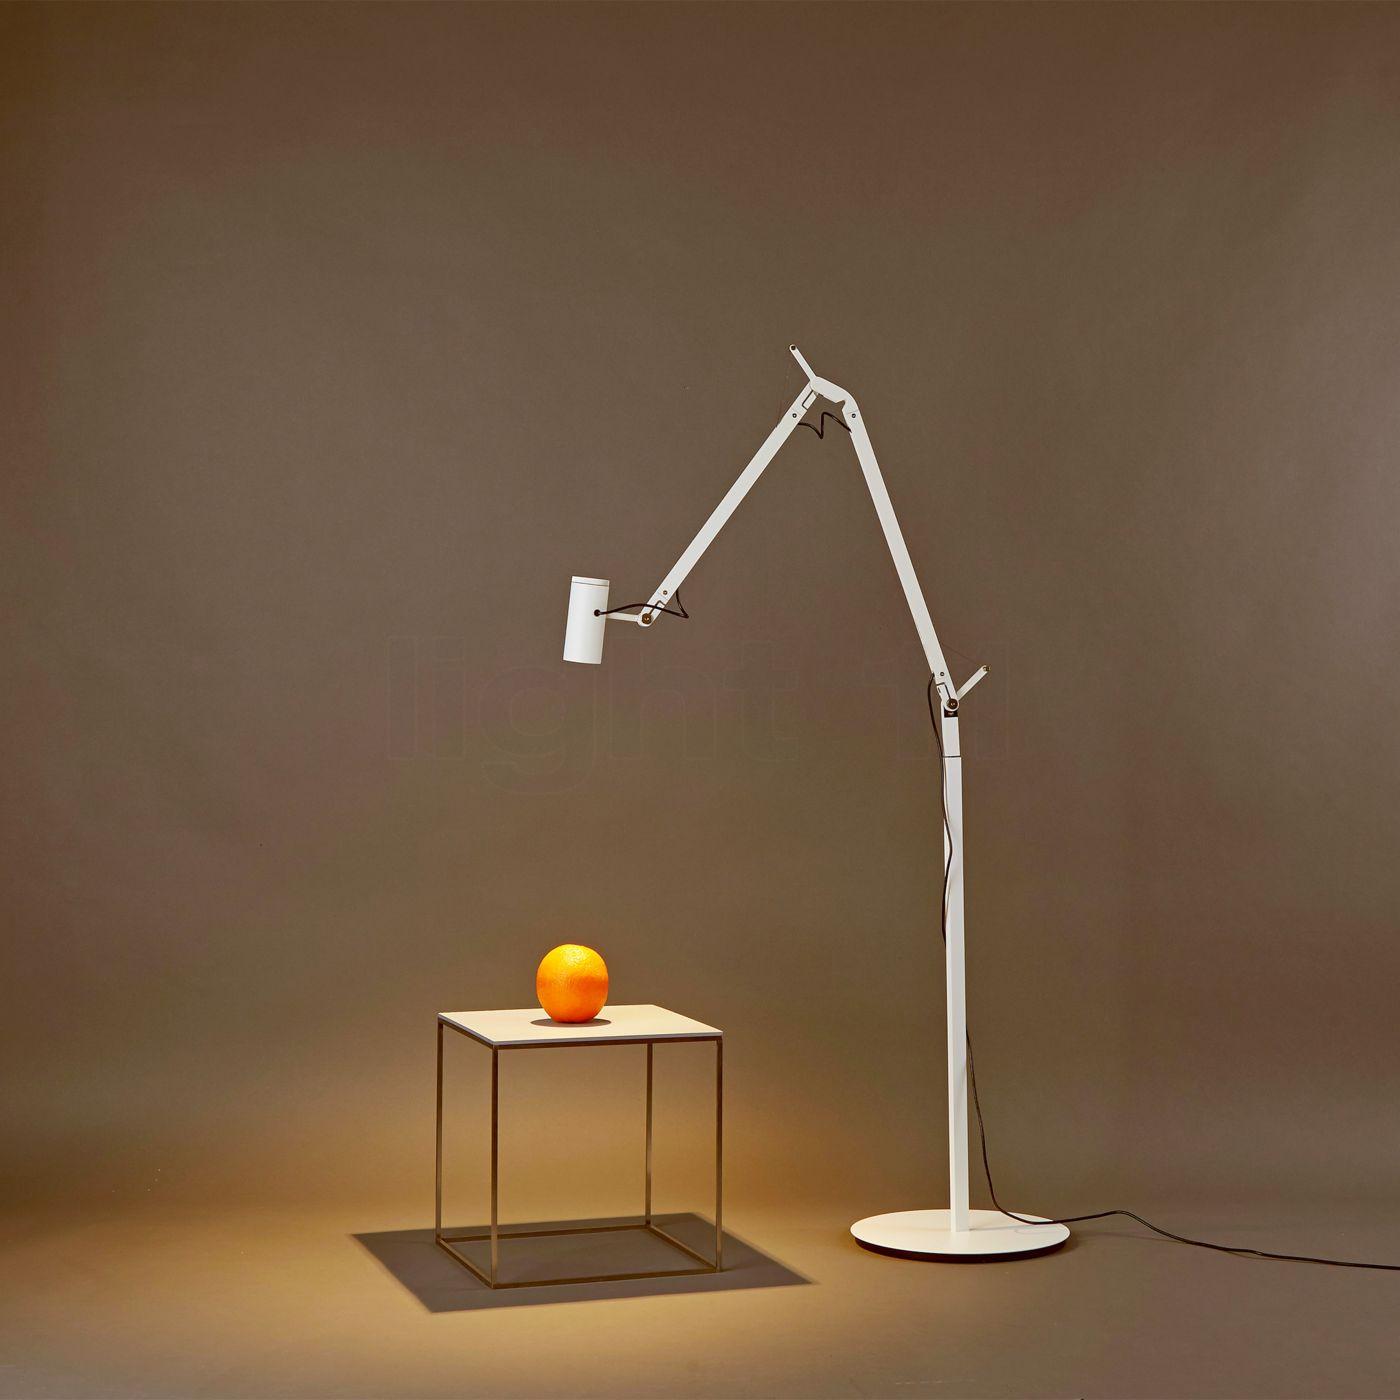 stehlampe design led. Black Bedroom Furniture Sets. Home Design Ideas